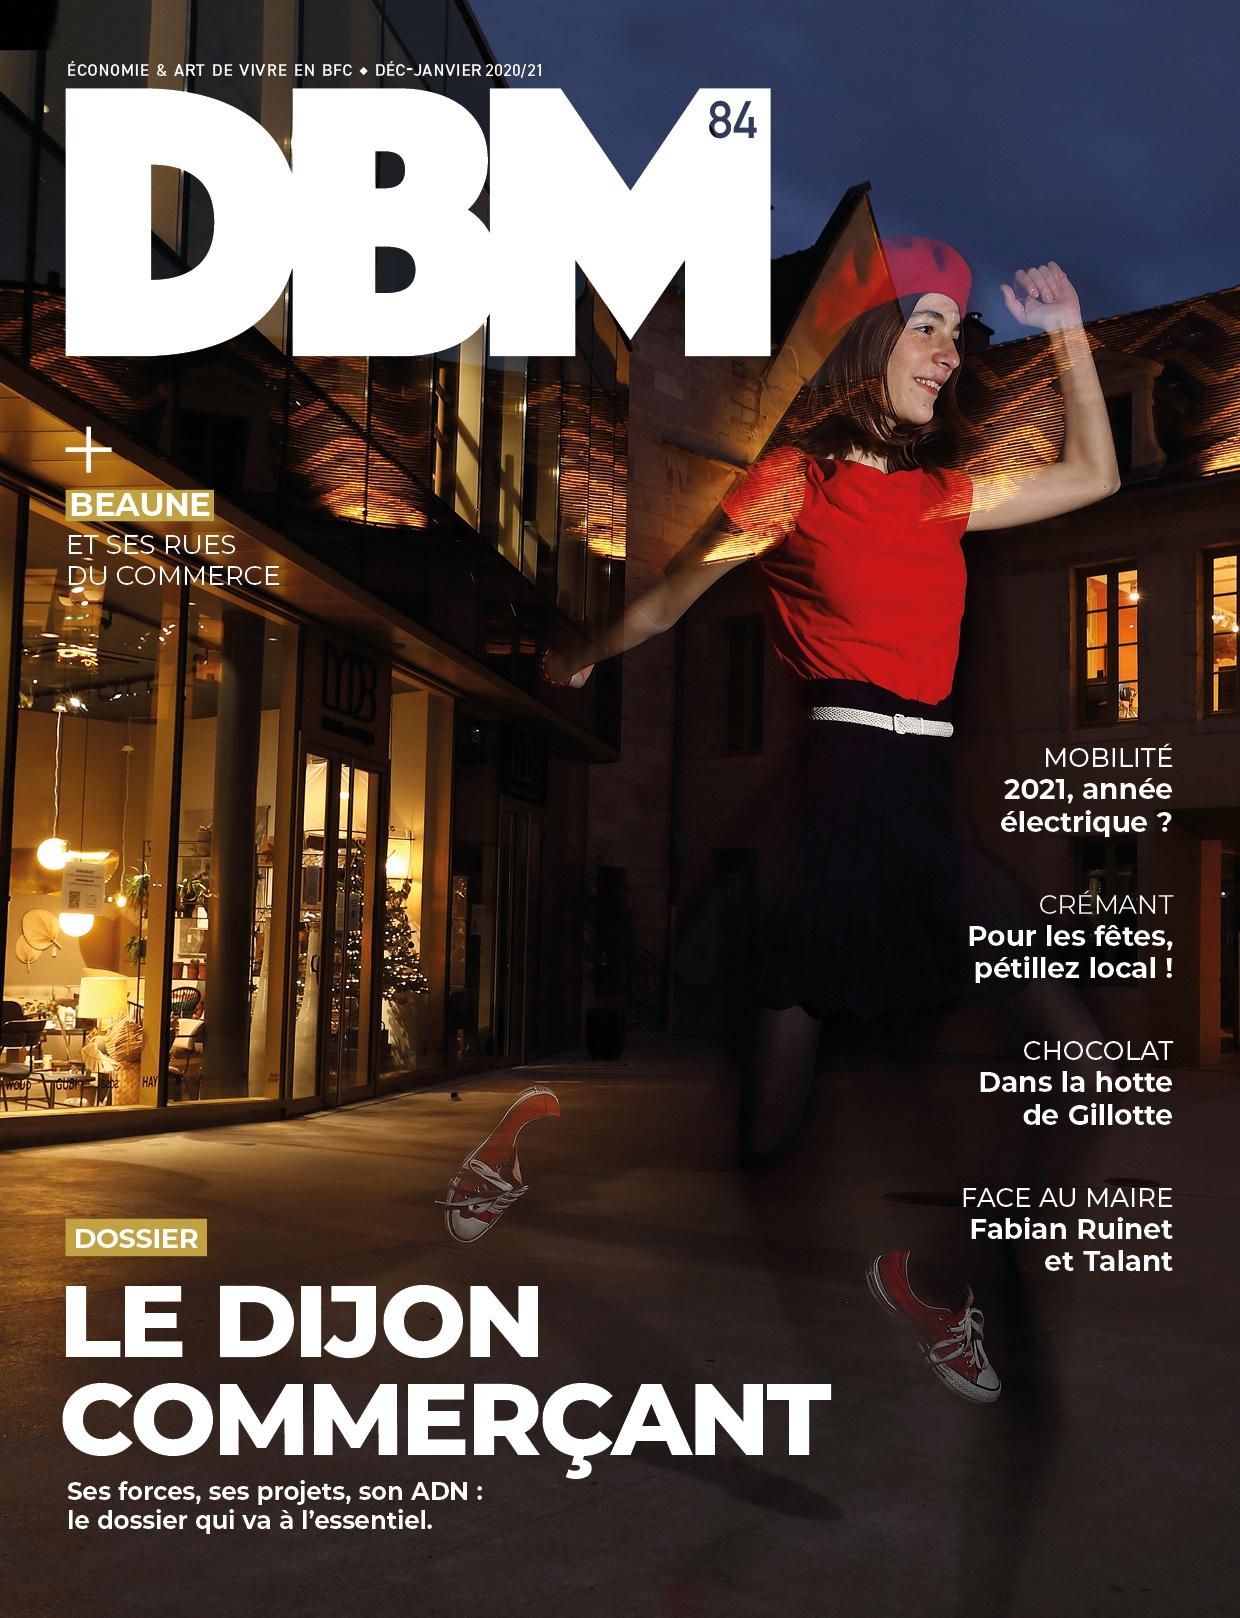 DBM n°84 : un numéro hommage au commerce à Dijon et Beaune